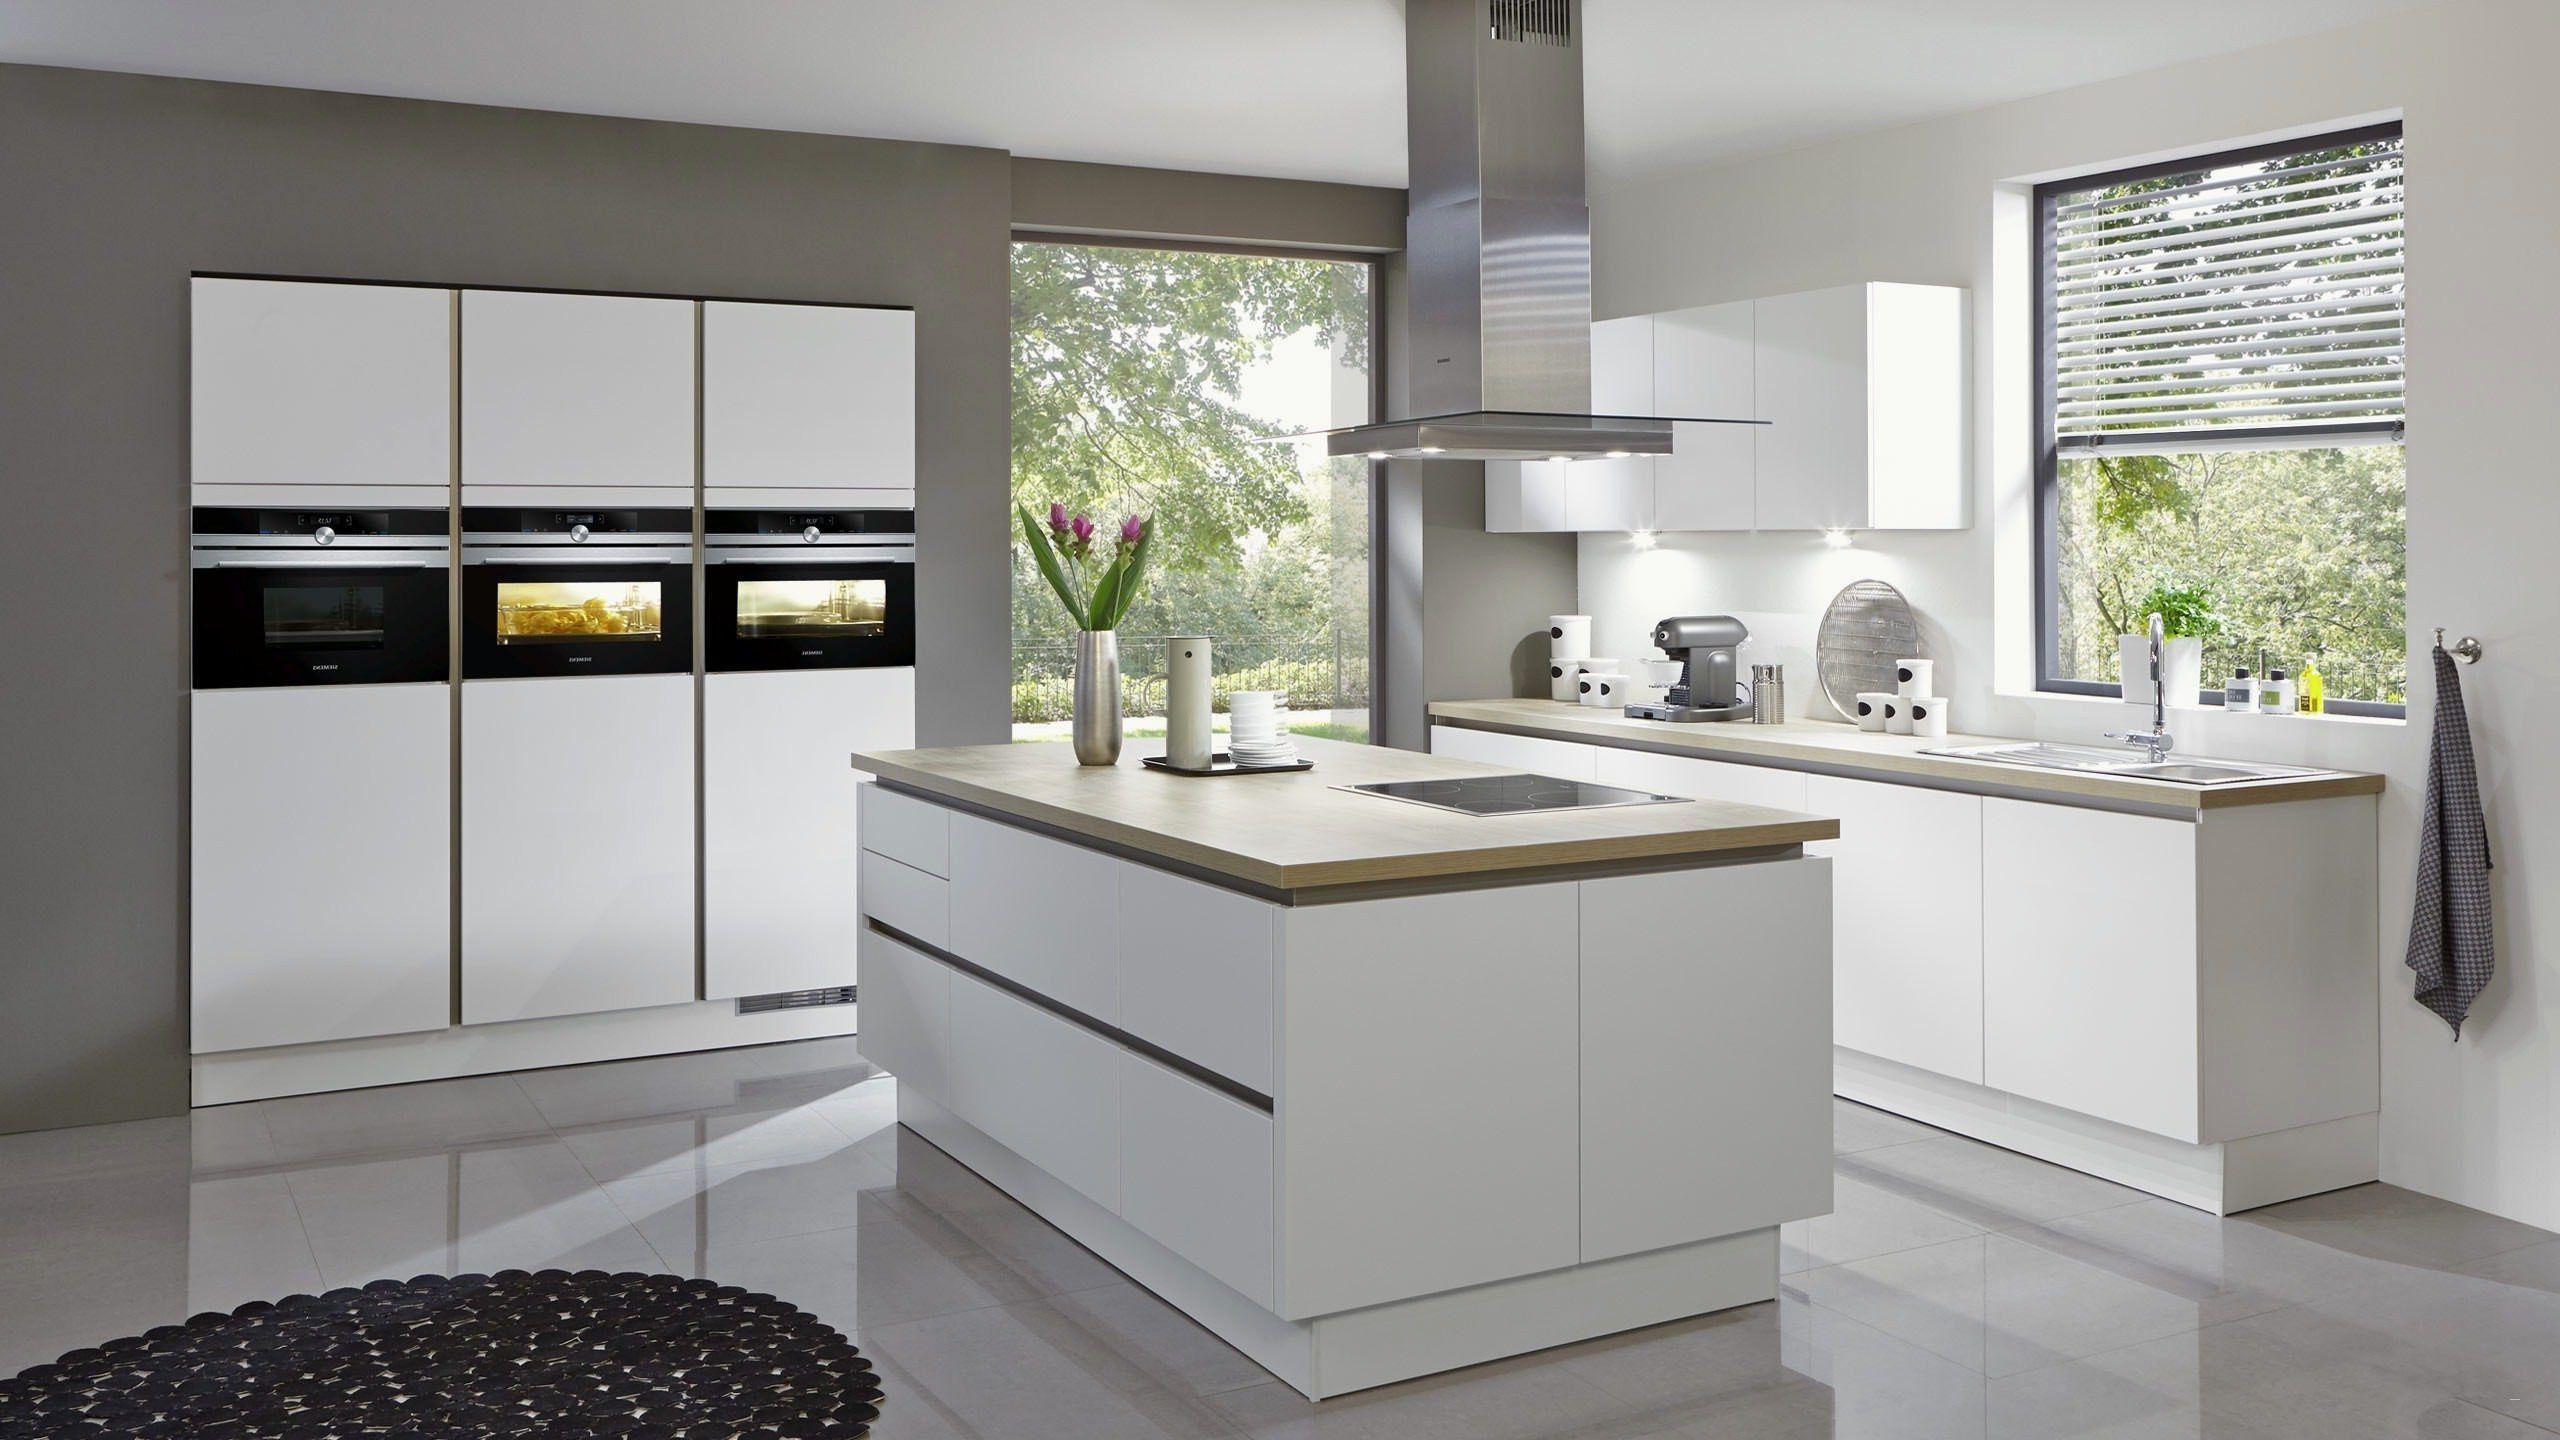 Ikea Keuken Met Island Prachtige Al 28 Elegante Keuken Met Island Cake Inspirati Kuchen In 2020 Home Depot Kitchen Modern Kitchen Elegant Kitchens